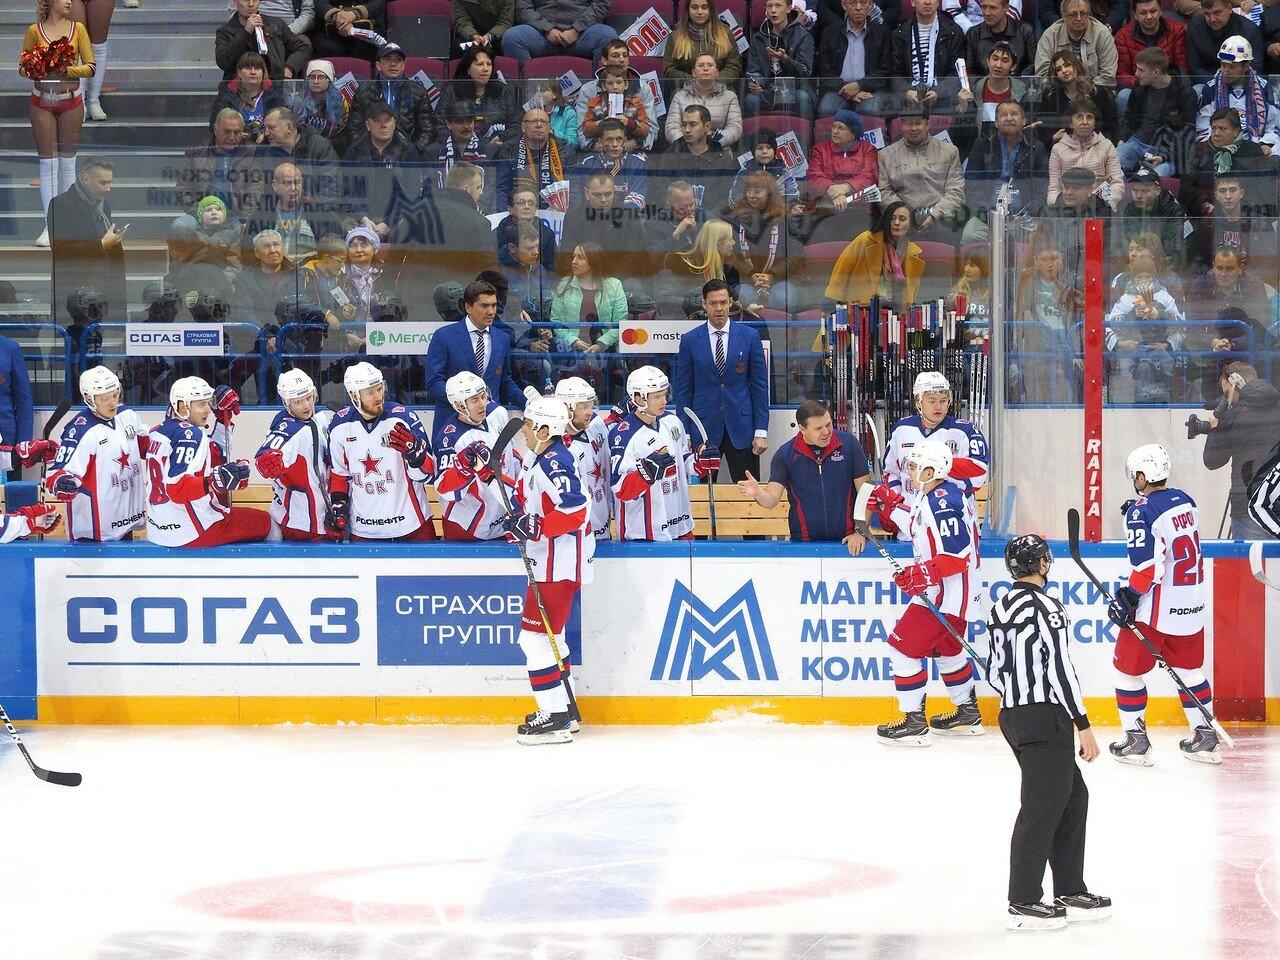 79 Металлург - ЦСКА 18.10.2017